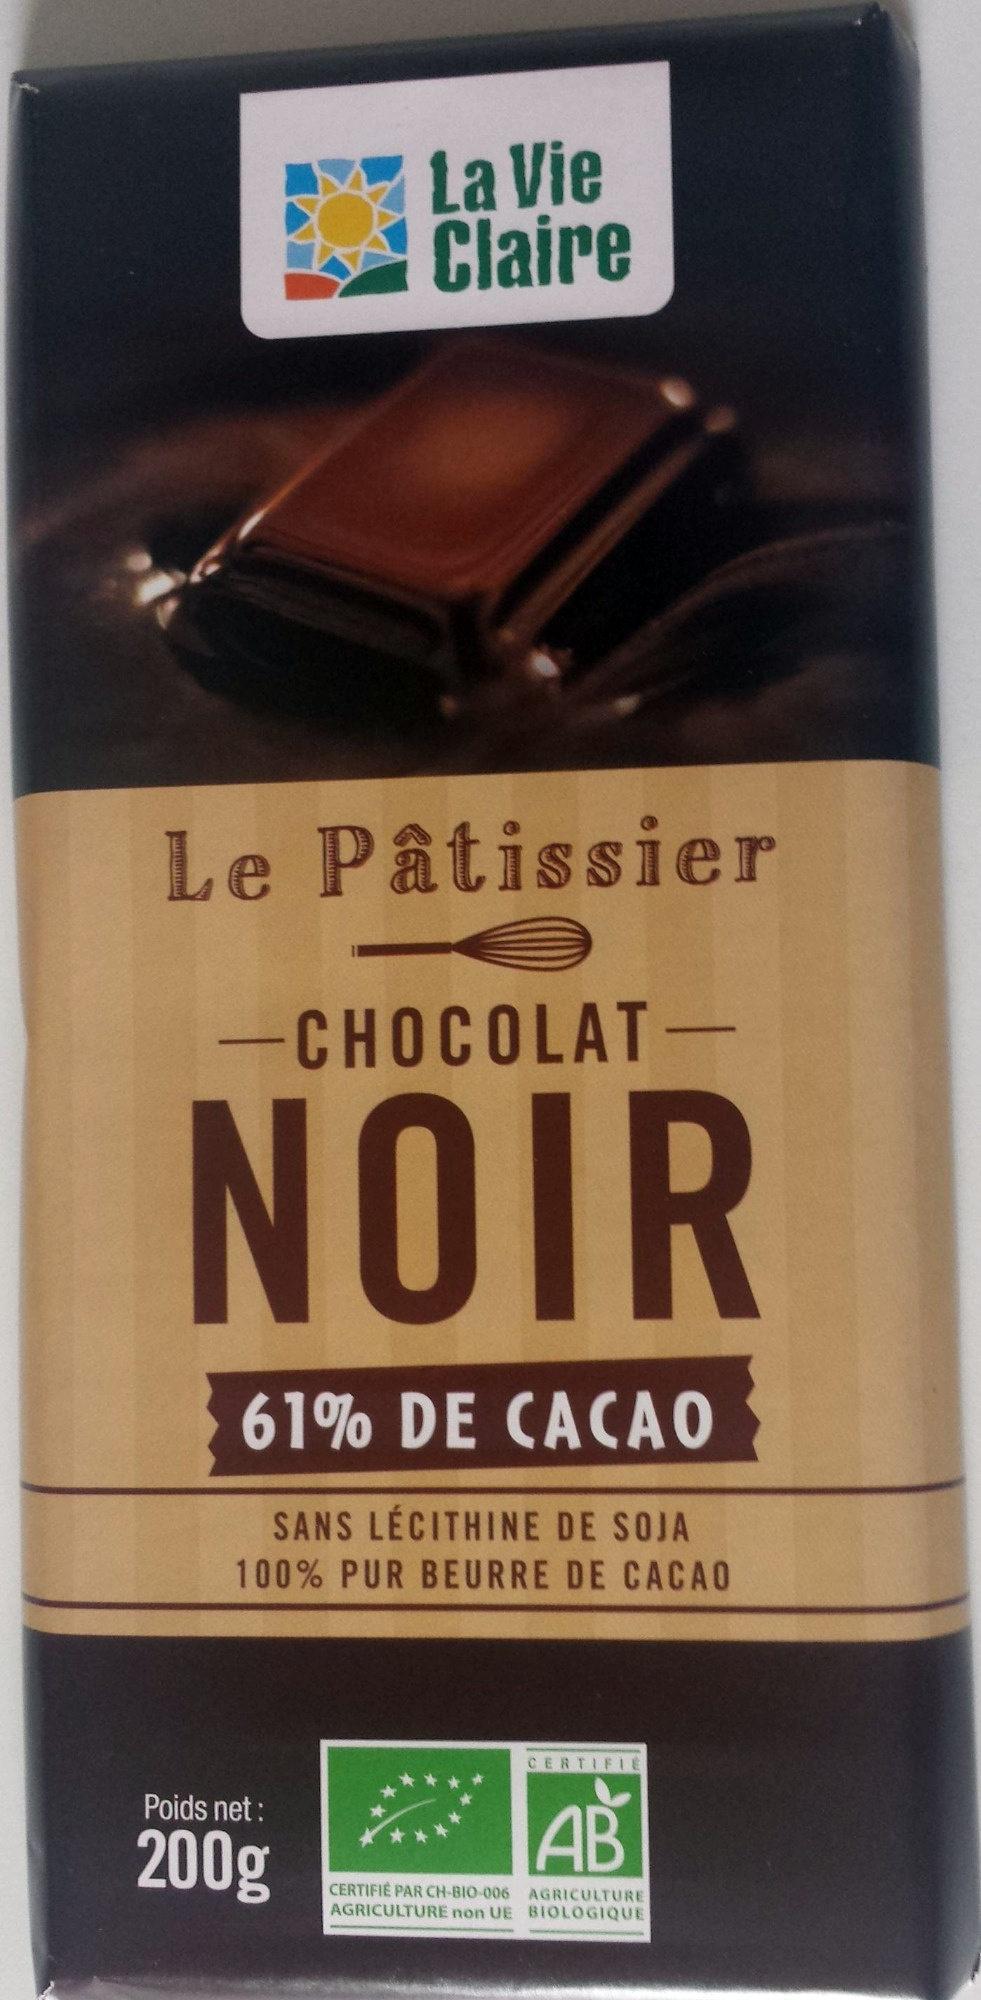 Le Pâtissier Chocolat noir 61% de cacao - Product